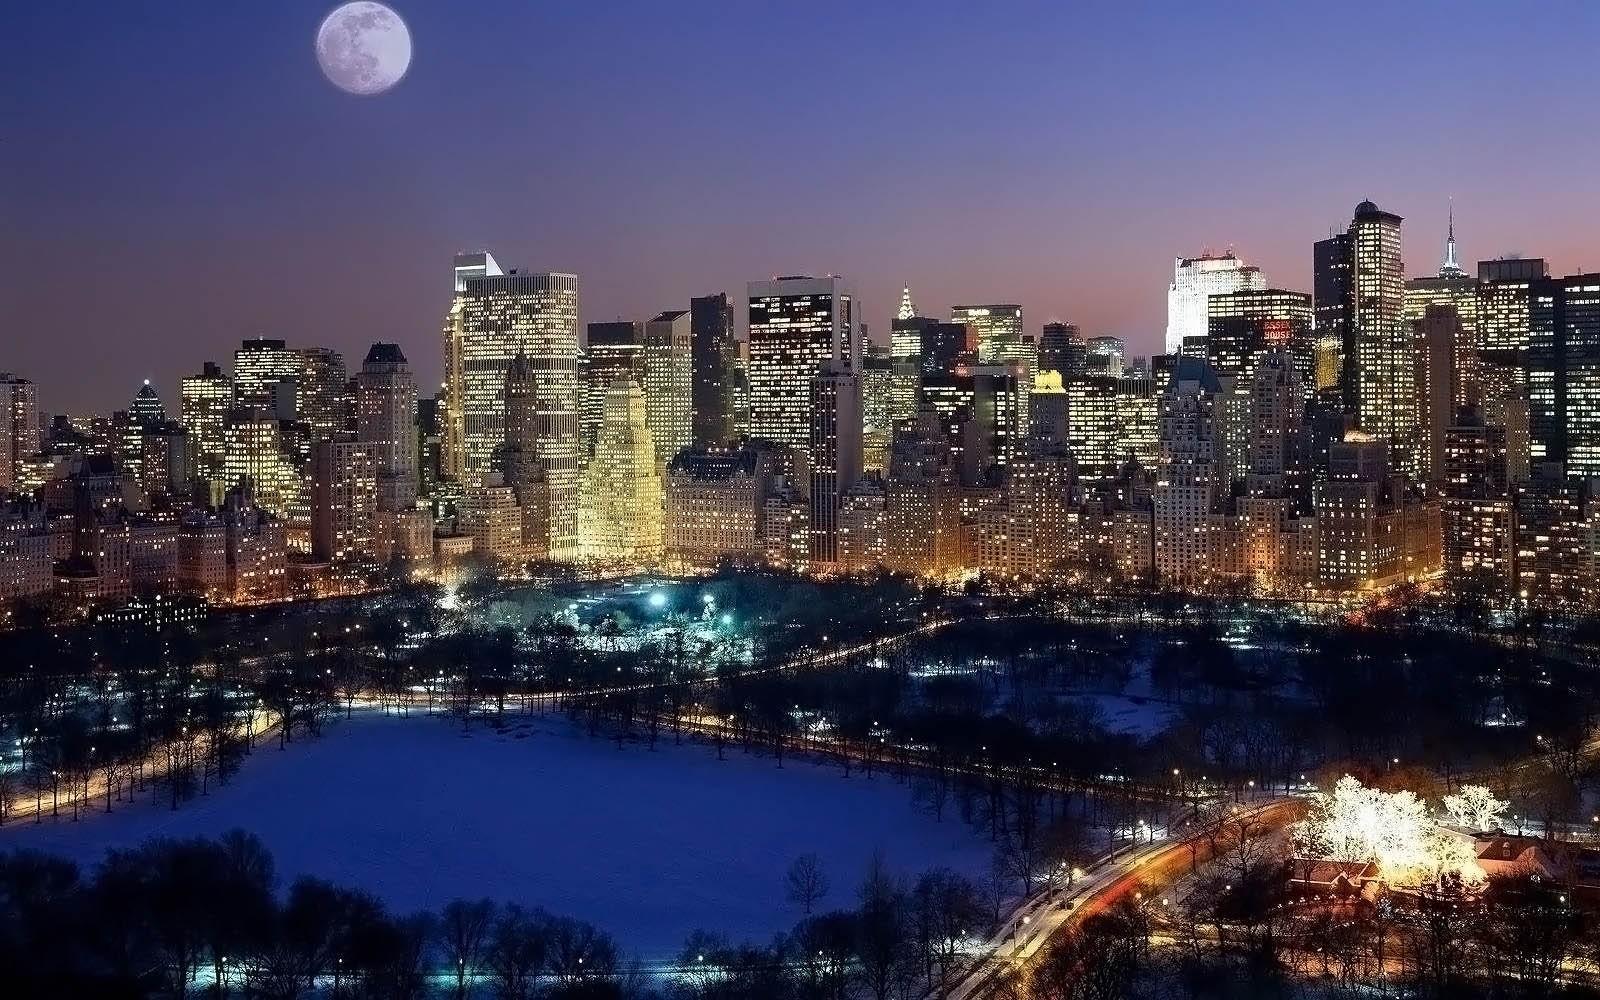 http://4.bp.blogspot.com/-3q0IDpqRKqQ/Txl6_hB4USI/AAAAAAAAELU/JcPyAPbtjaM/s1600/new-york-city-7.jpg